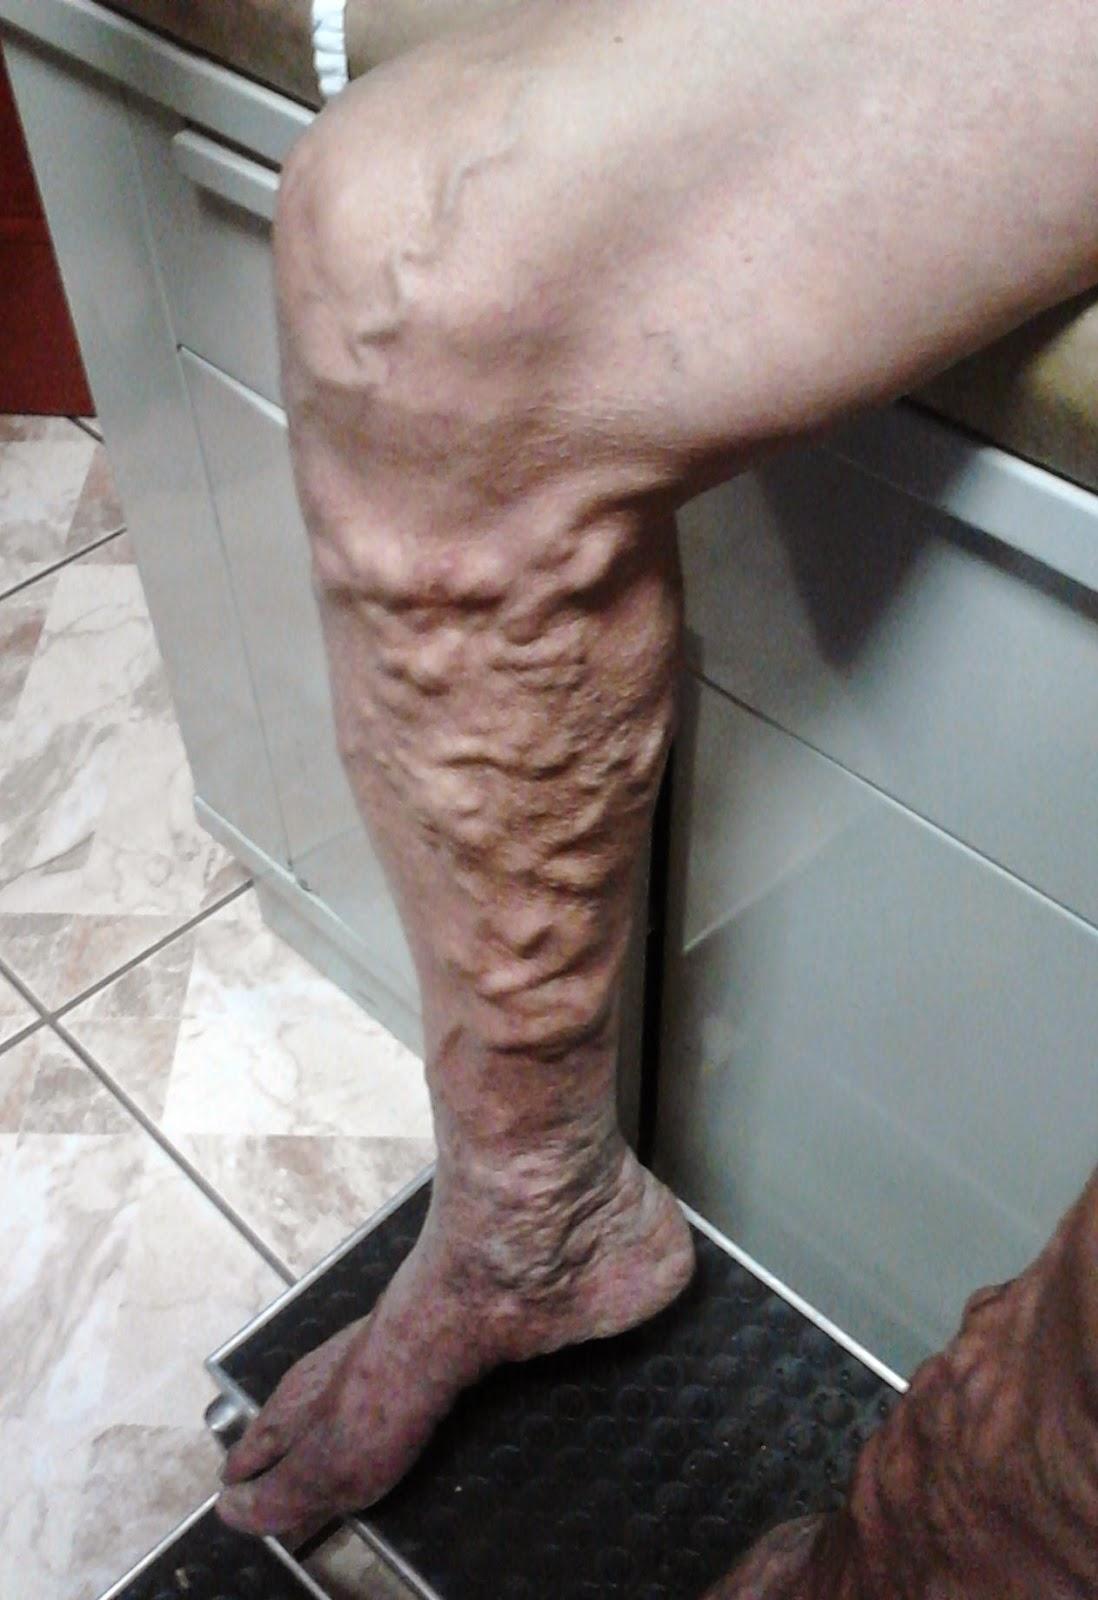 La tromboflebitis de las extremidades inferiores el tratamiento los síntomas